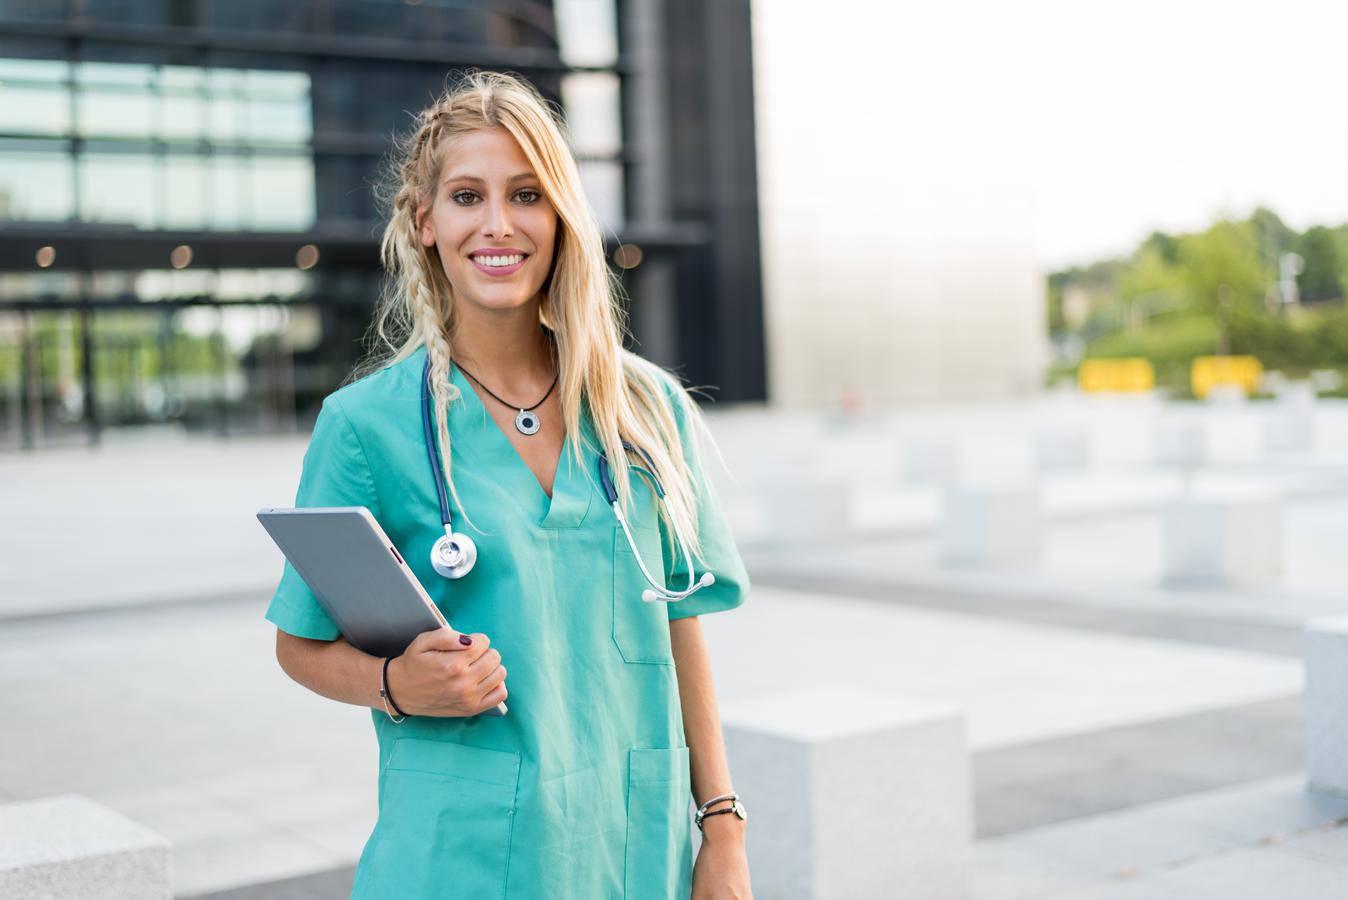 Medizinisch-technischer Assistent - MTA